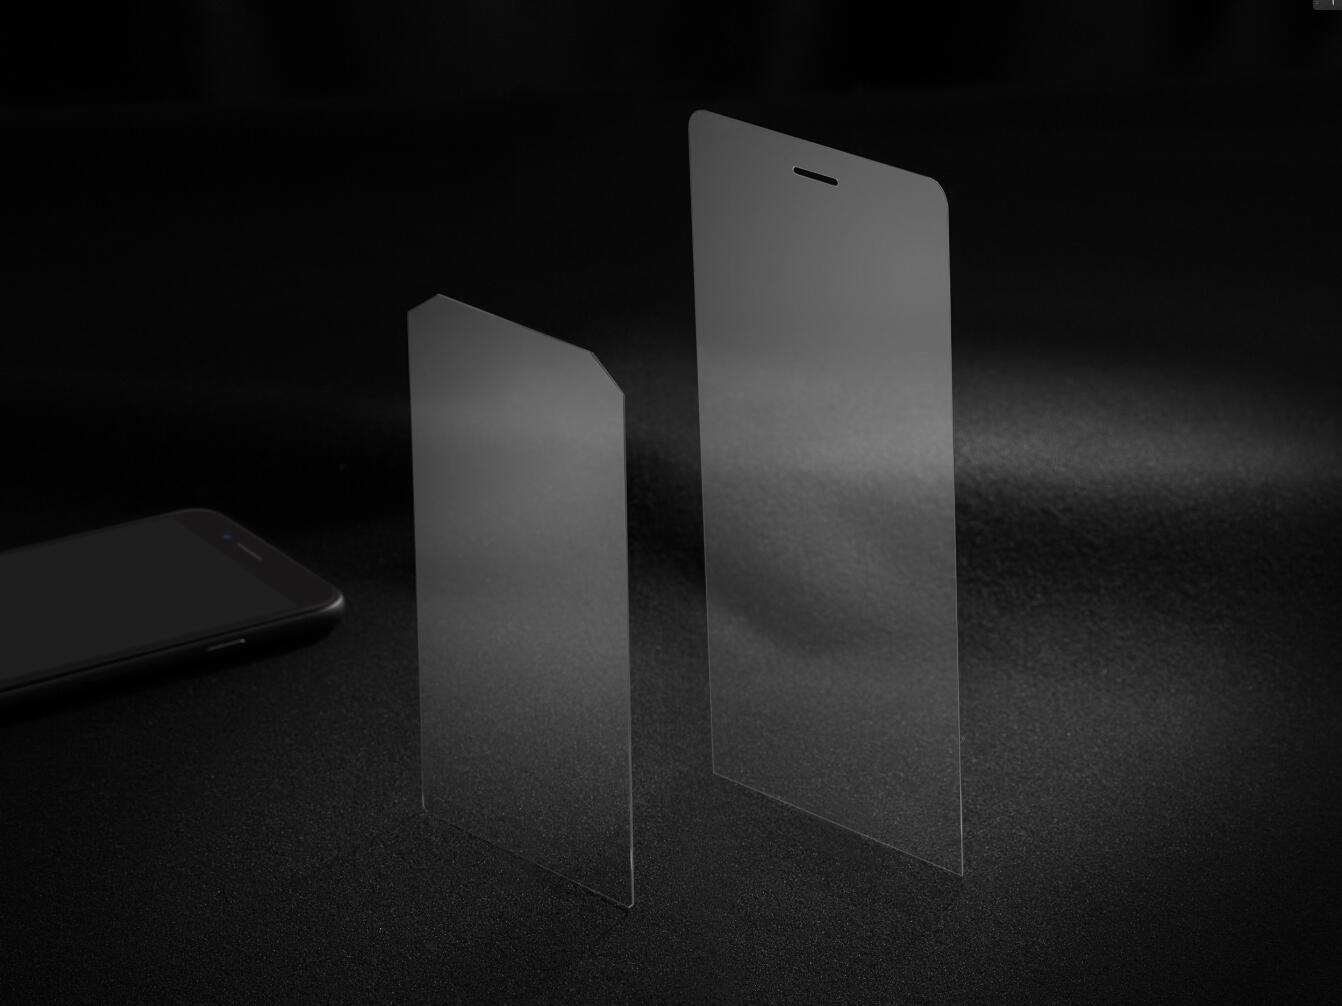 蓝宝石手机面板